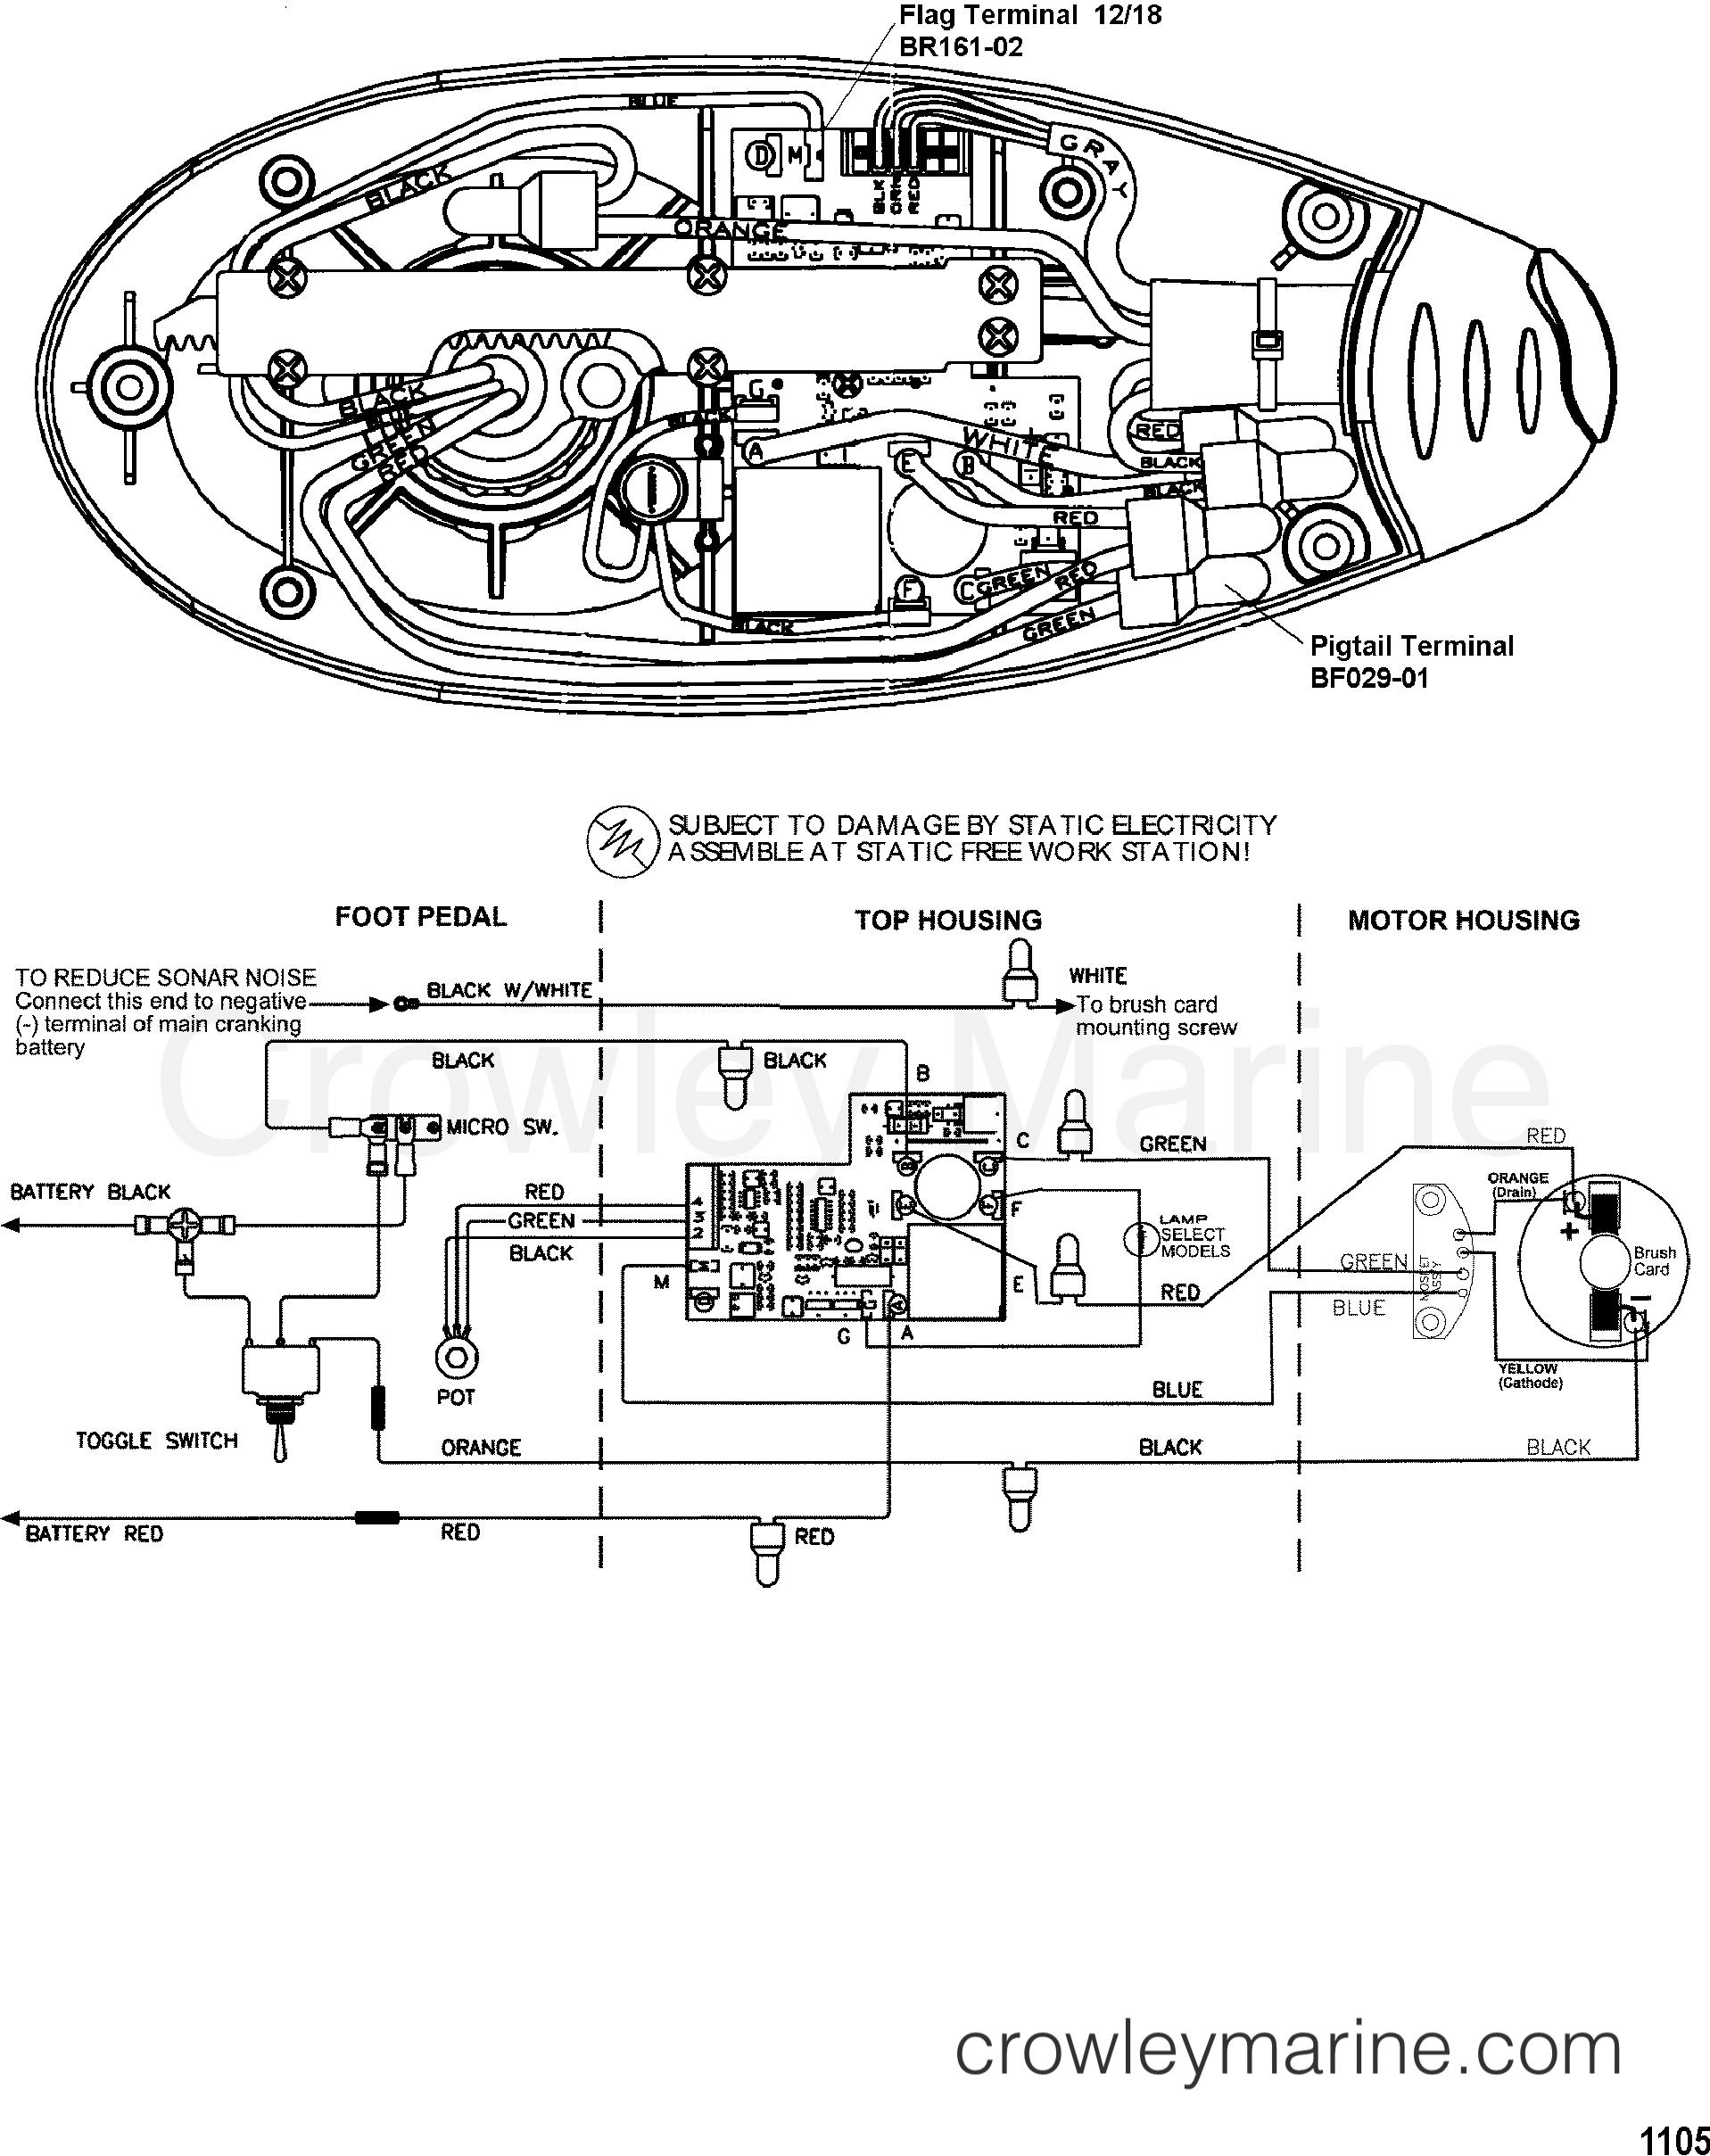 2002 MotorGuide 12V [MOTORGUIDE] - 9EF45BAZJ - WIRE DIAGRAM(MODEL EF54V) (12 VOLT)